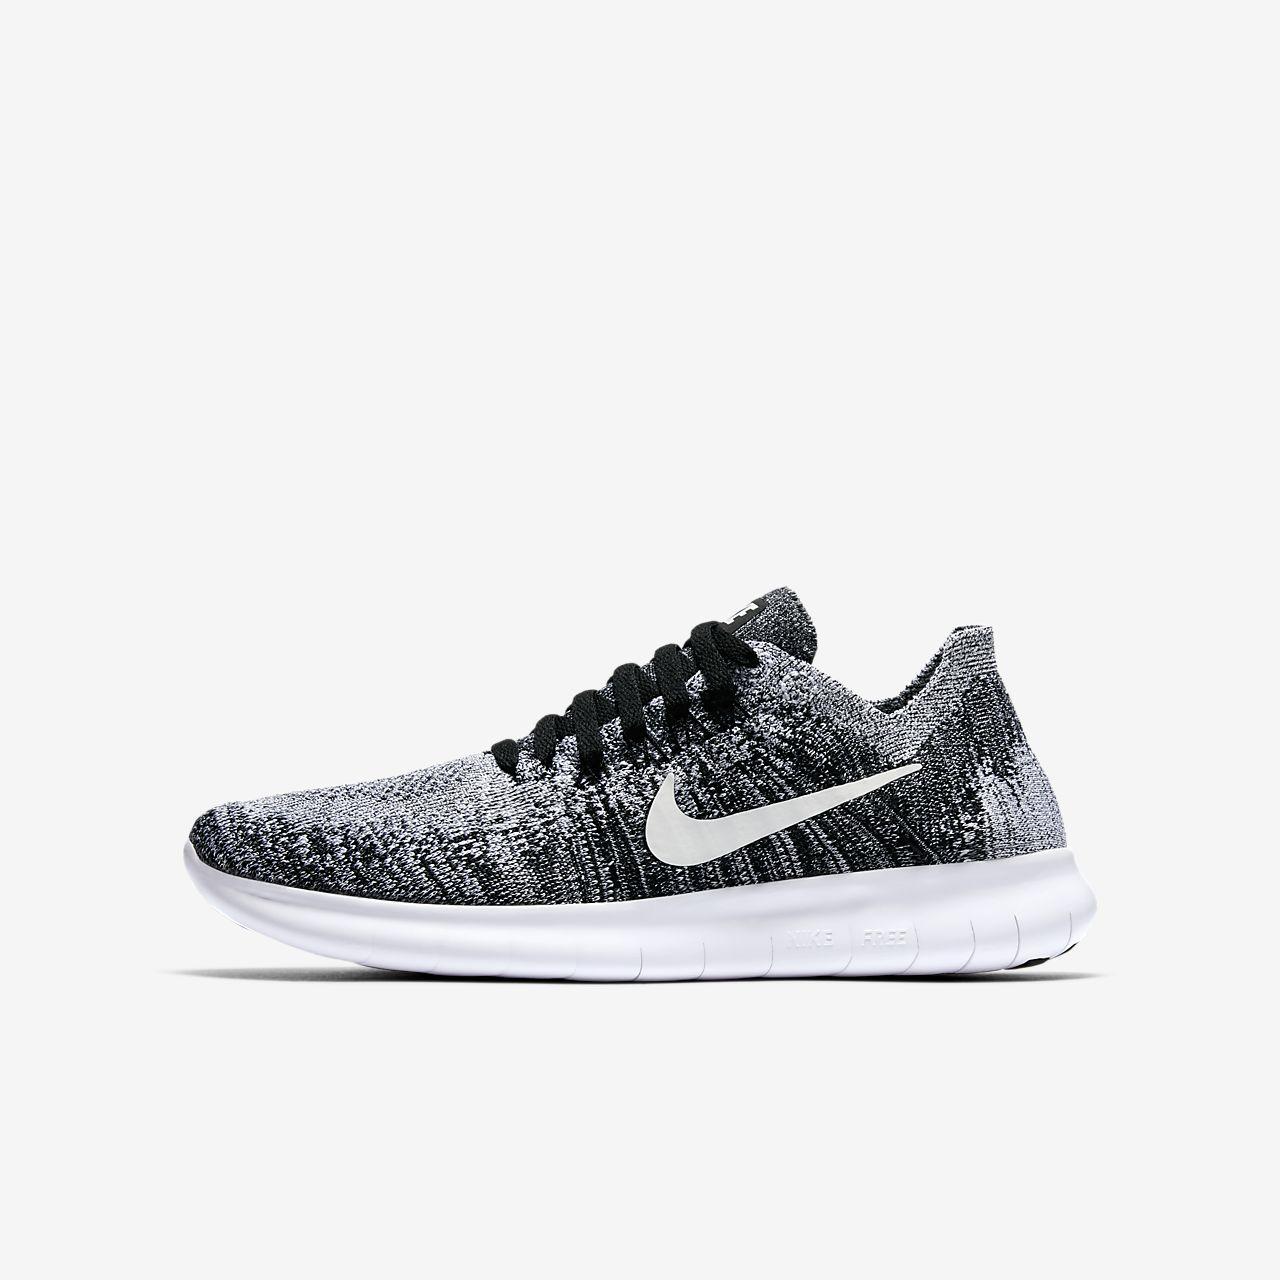 ... Chaussure de running Nike Free RN Flyknit 2017 pour Enfant plus âgé